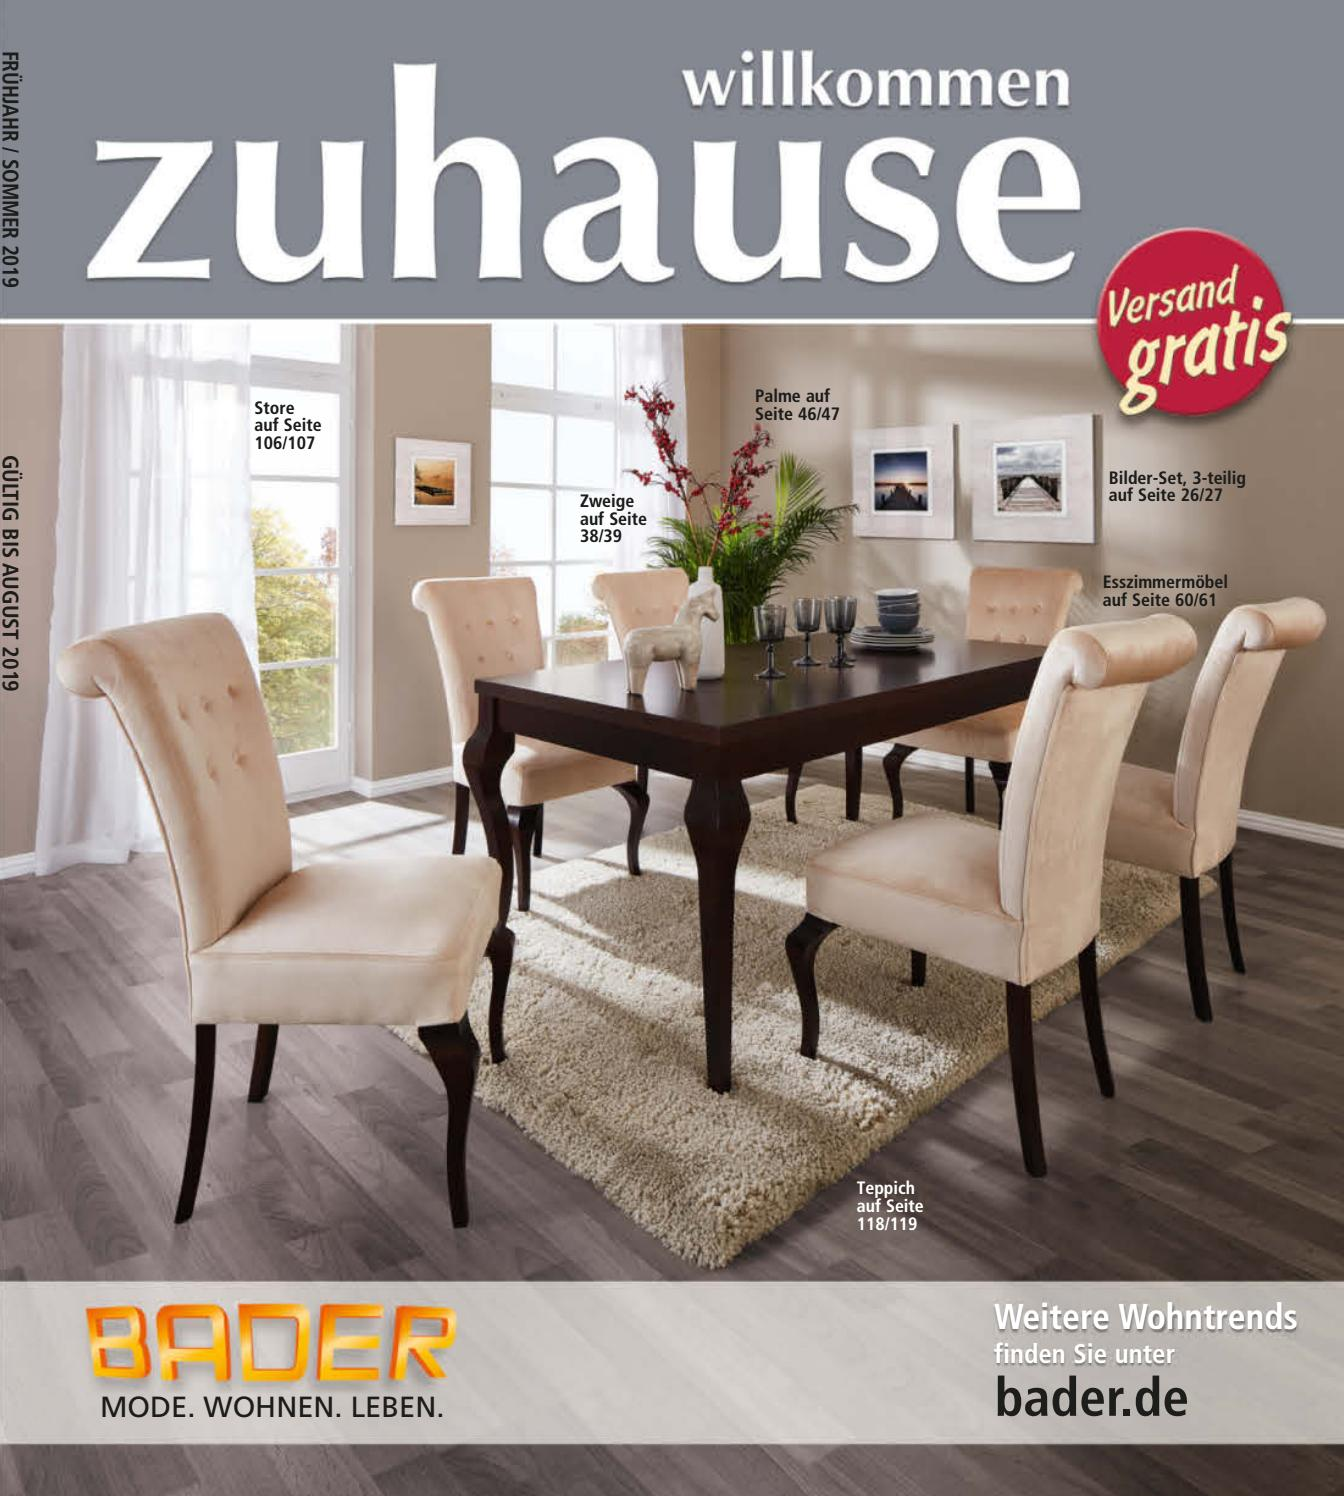 Teppich Esstisch Abwaschbar – Caseconrad.com